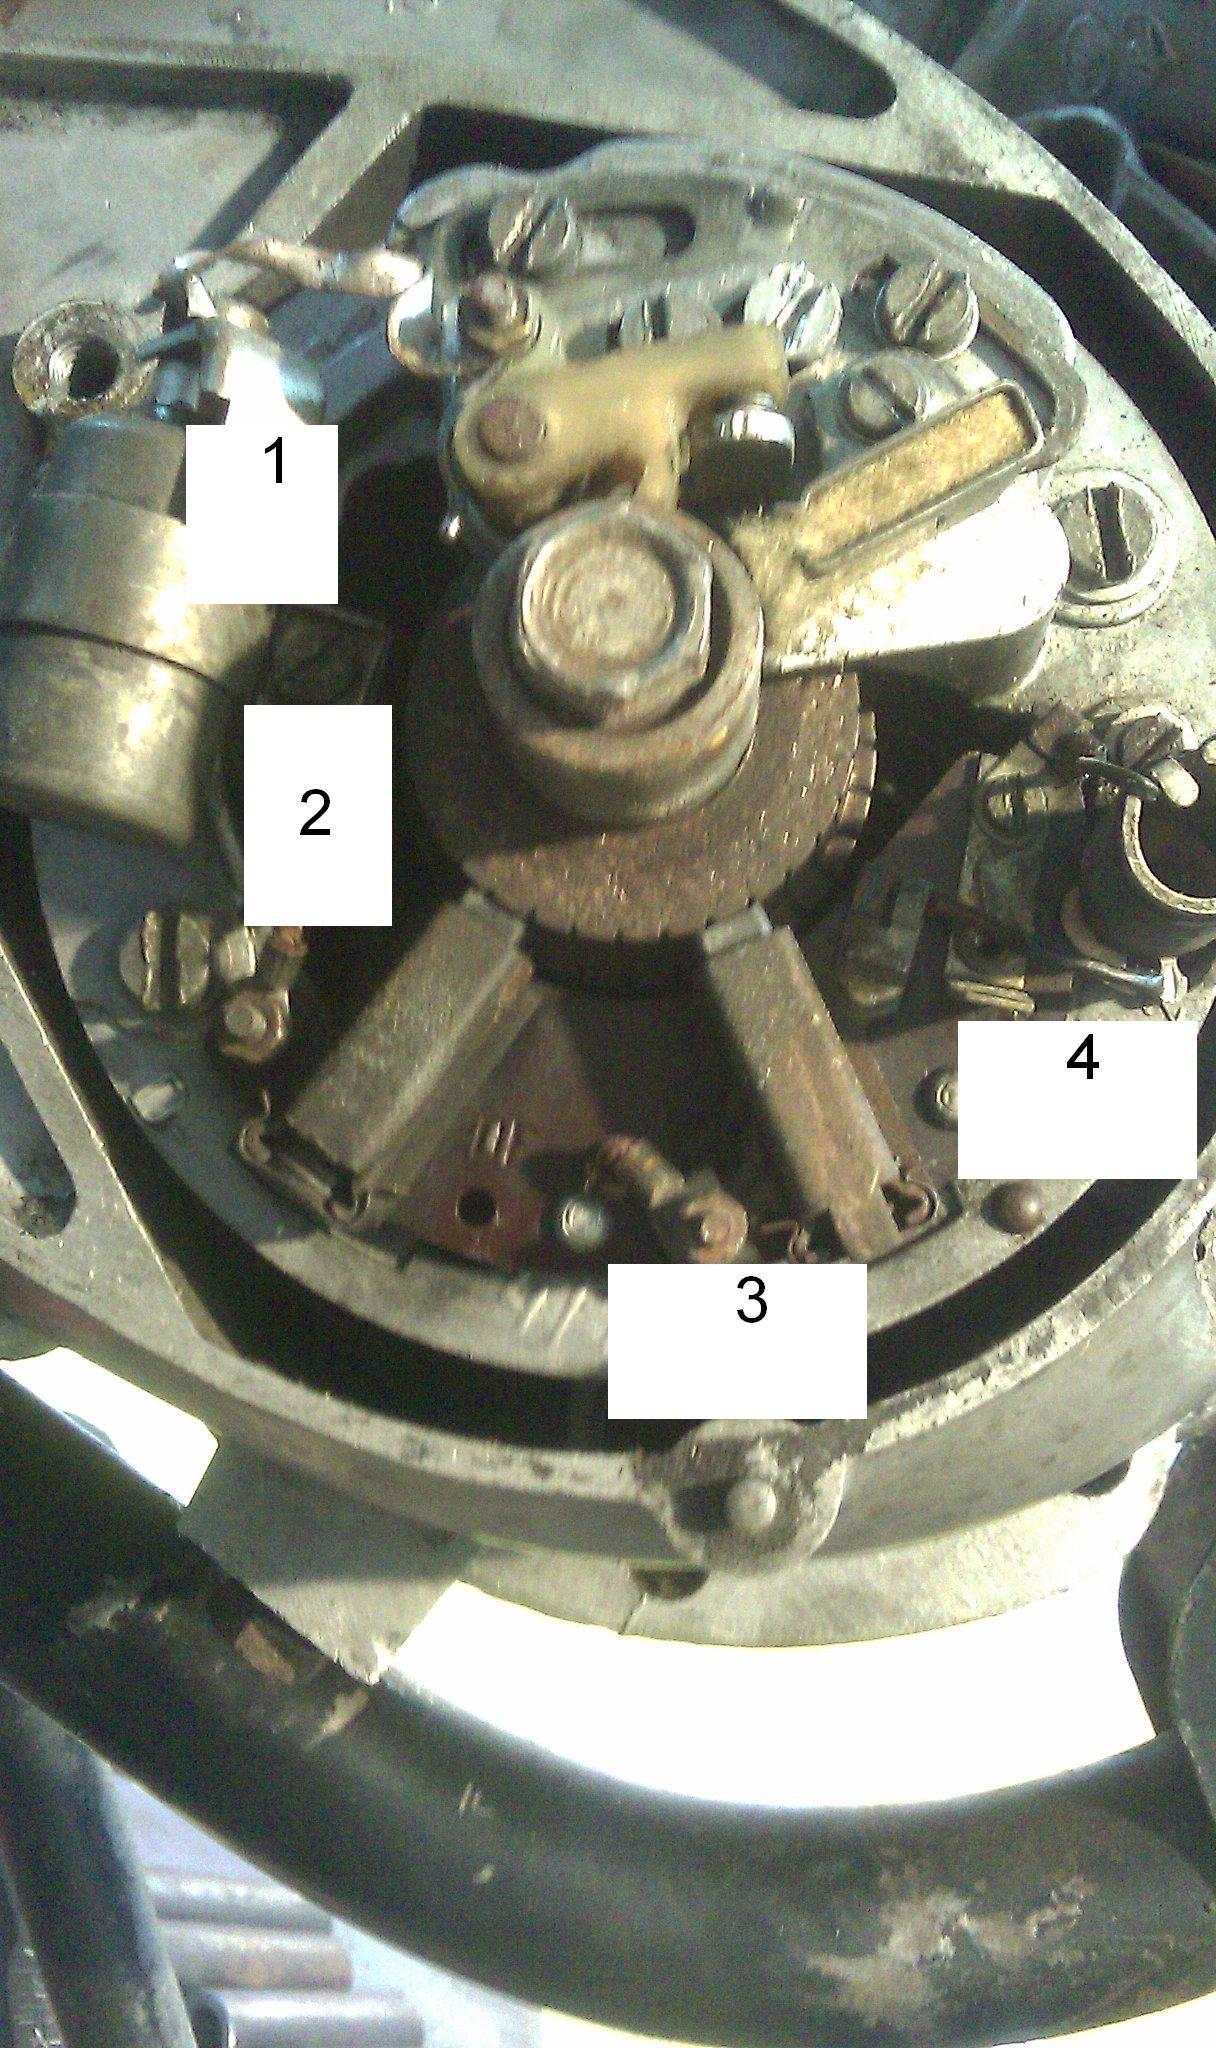 MZ-150 (6v)  - Instalacja elektryczna- monta�, naprawa?